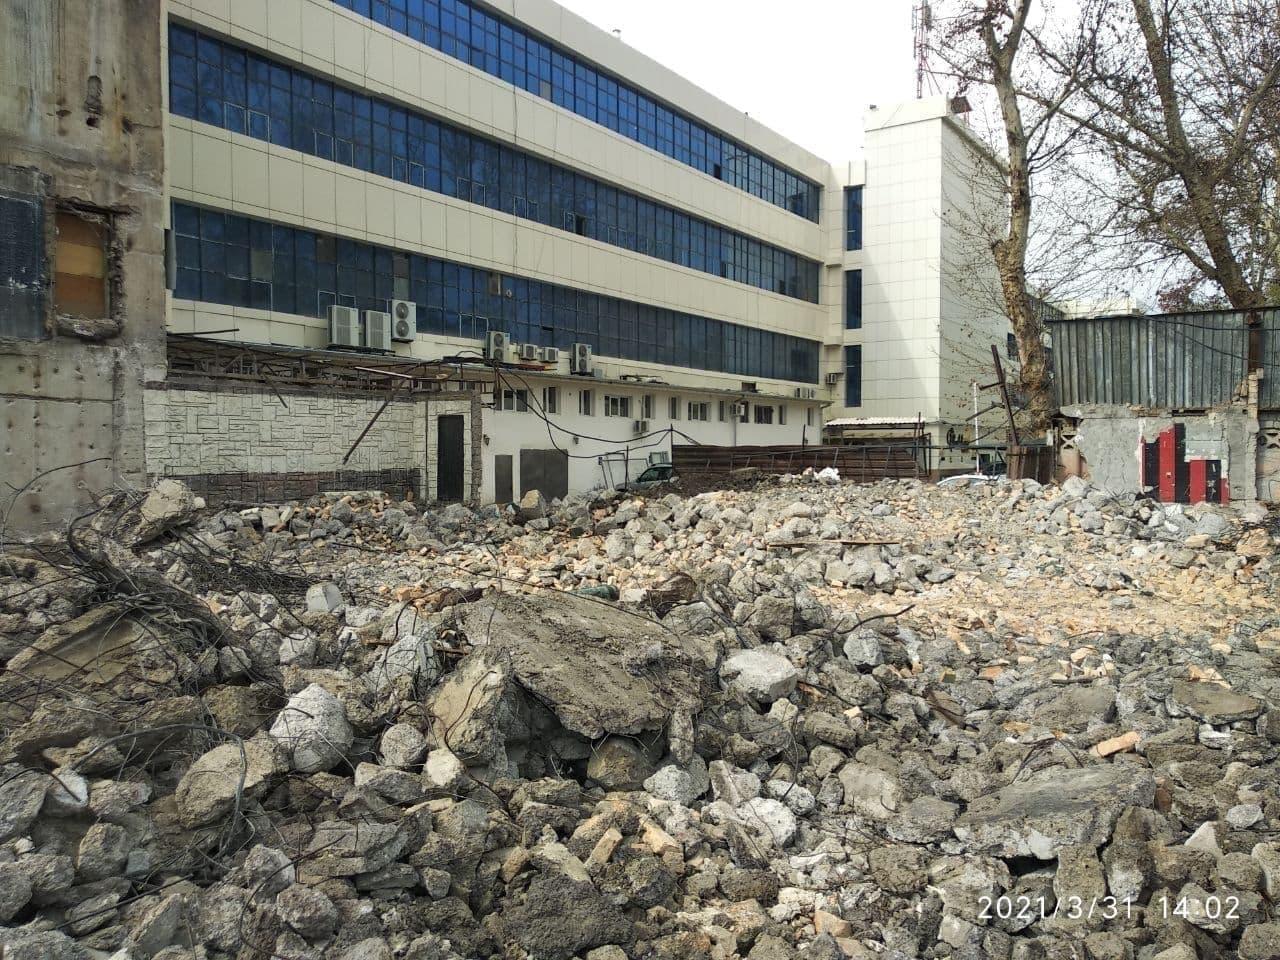 Выяснилась причина обрушения части здания на улице Амира Темура в Ташкенте — видео